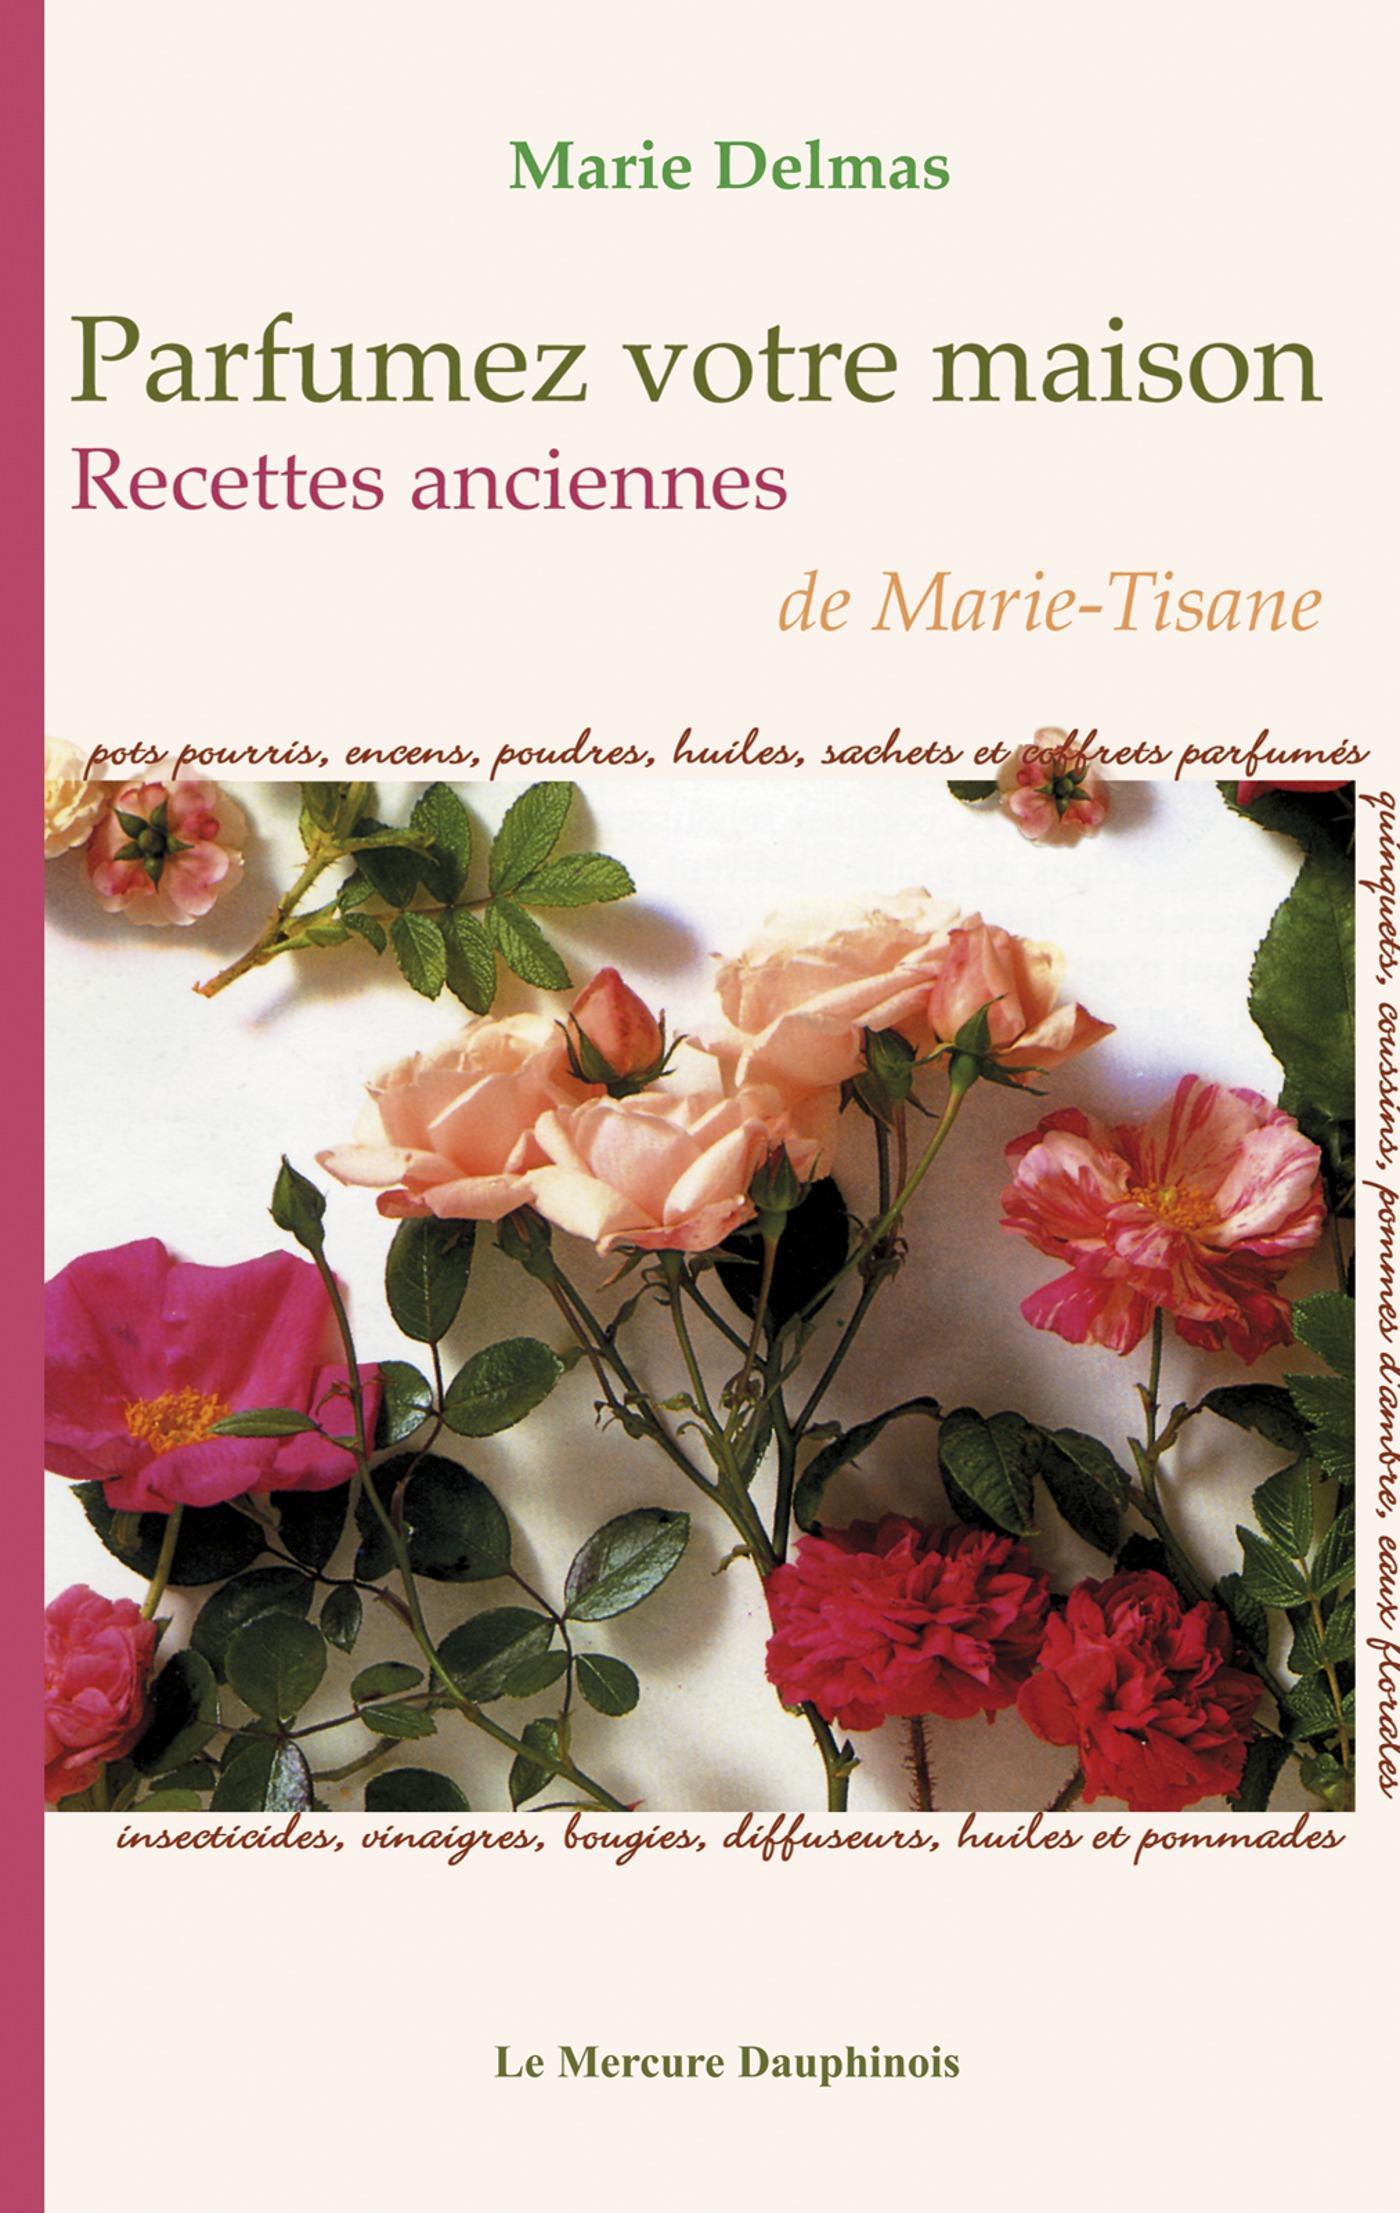 Marie Delmas Parfumez votre maison